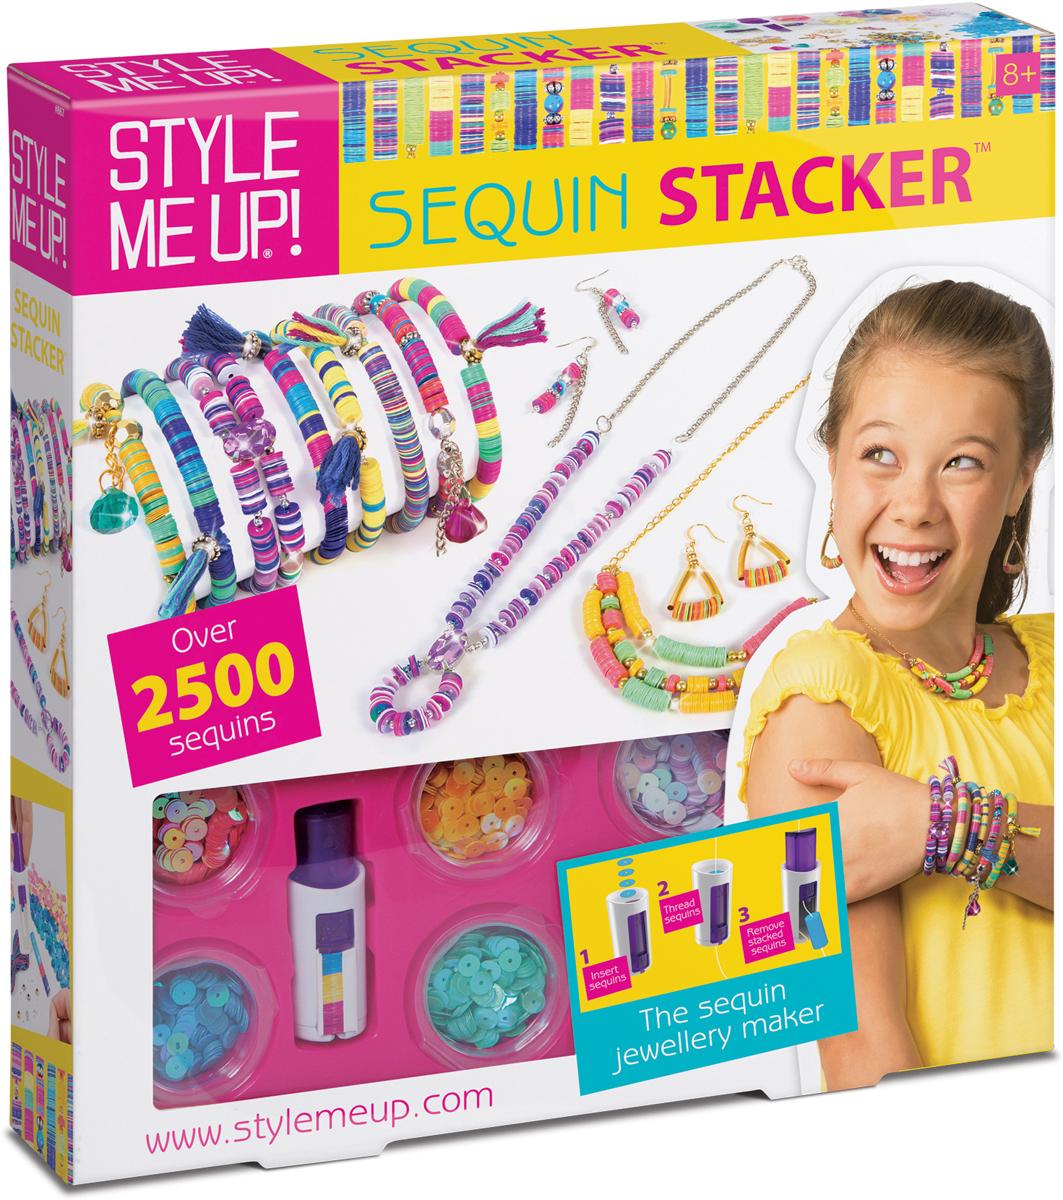 Style Me Up Набор для создания украшений с блёстками style me up style me up набор для создания украшений неоновые браслеты